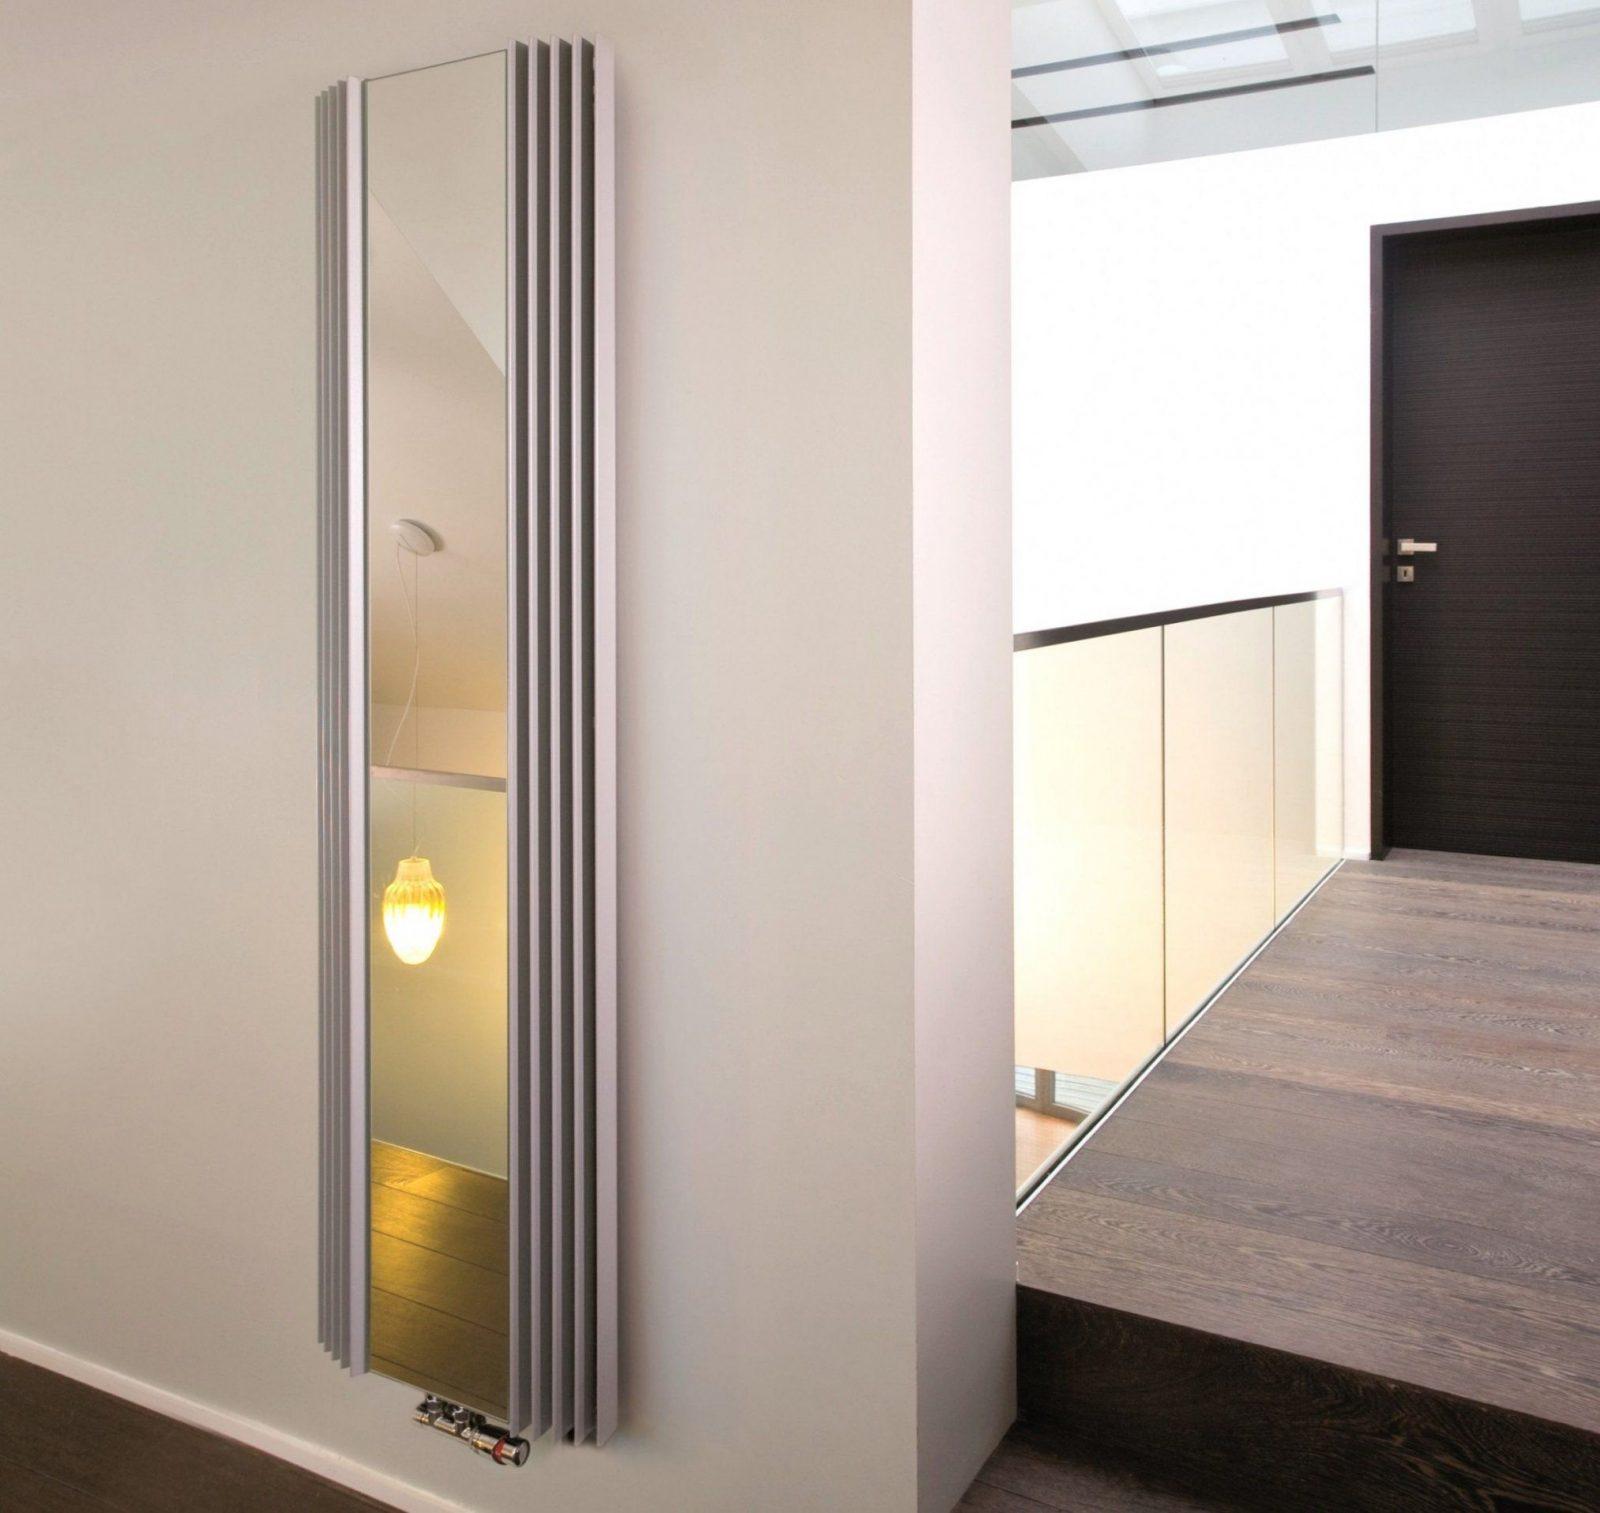 Schöne Design Heizkörper Wohnzimmer – Cblonline von Schöne Heizkörper Für Wohnzimmer Photo